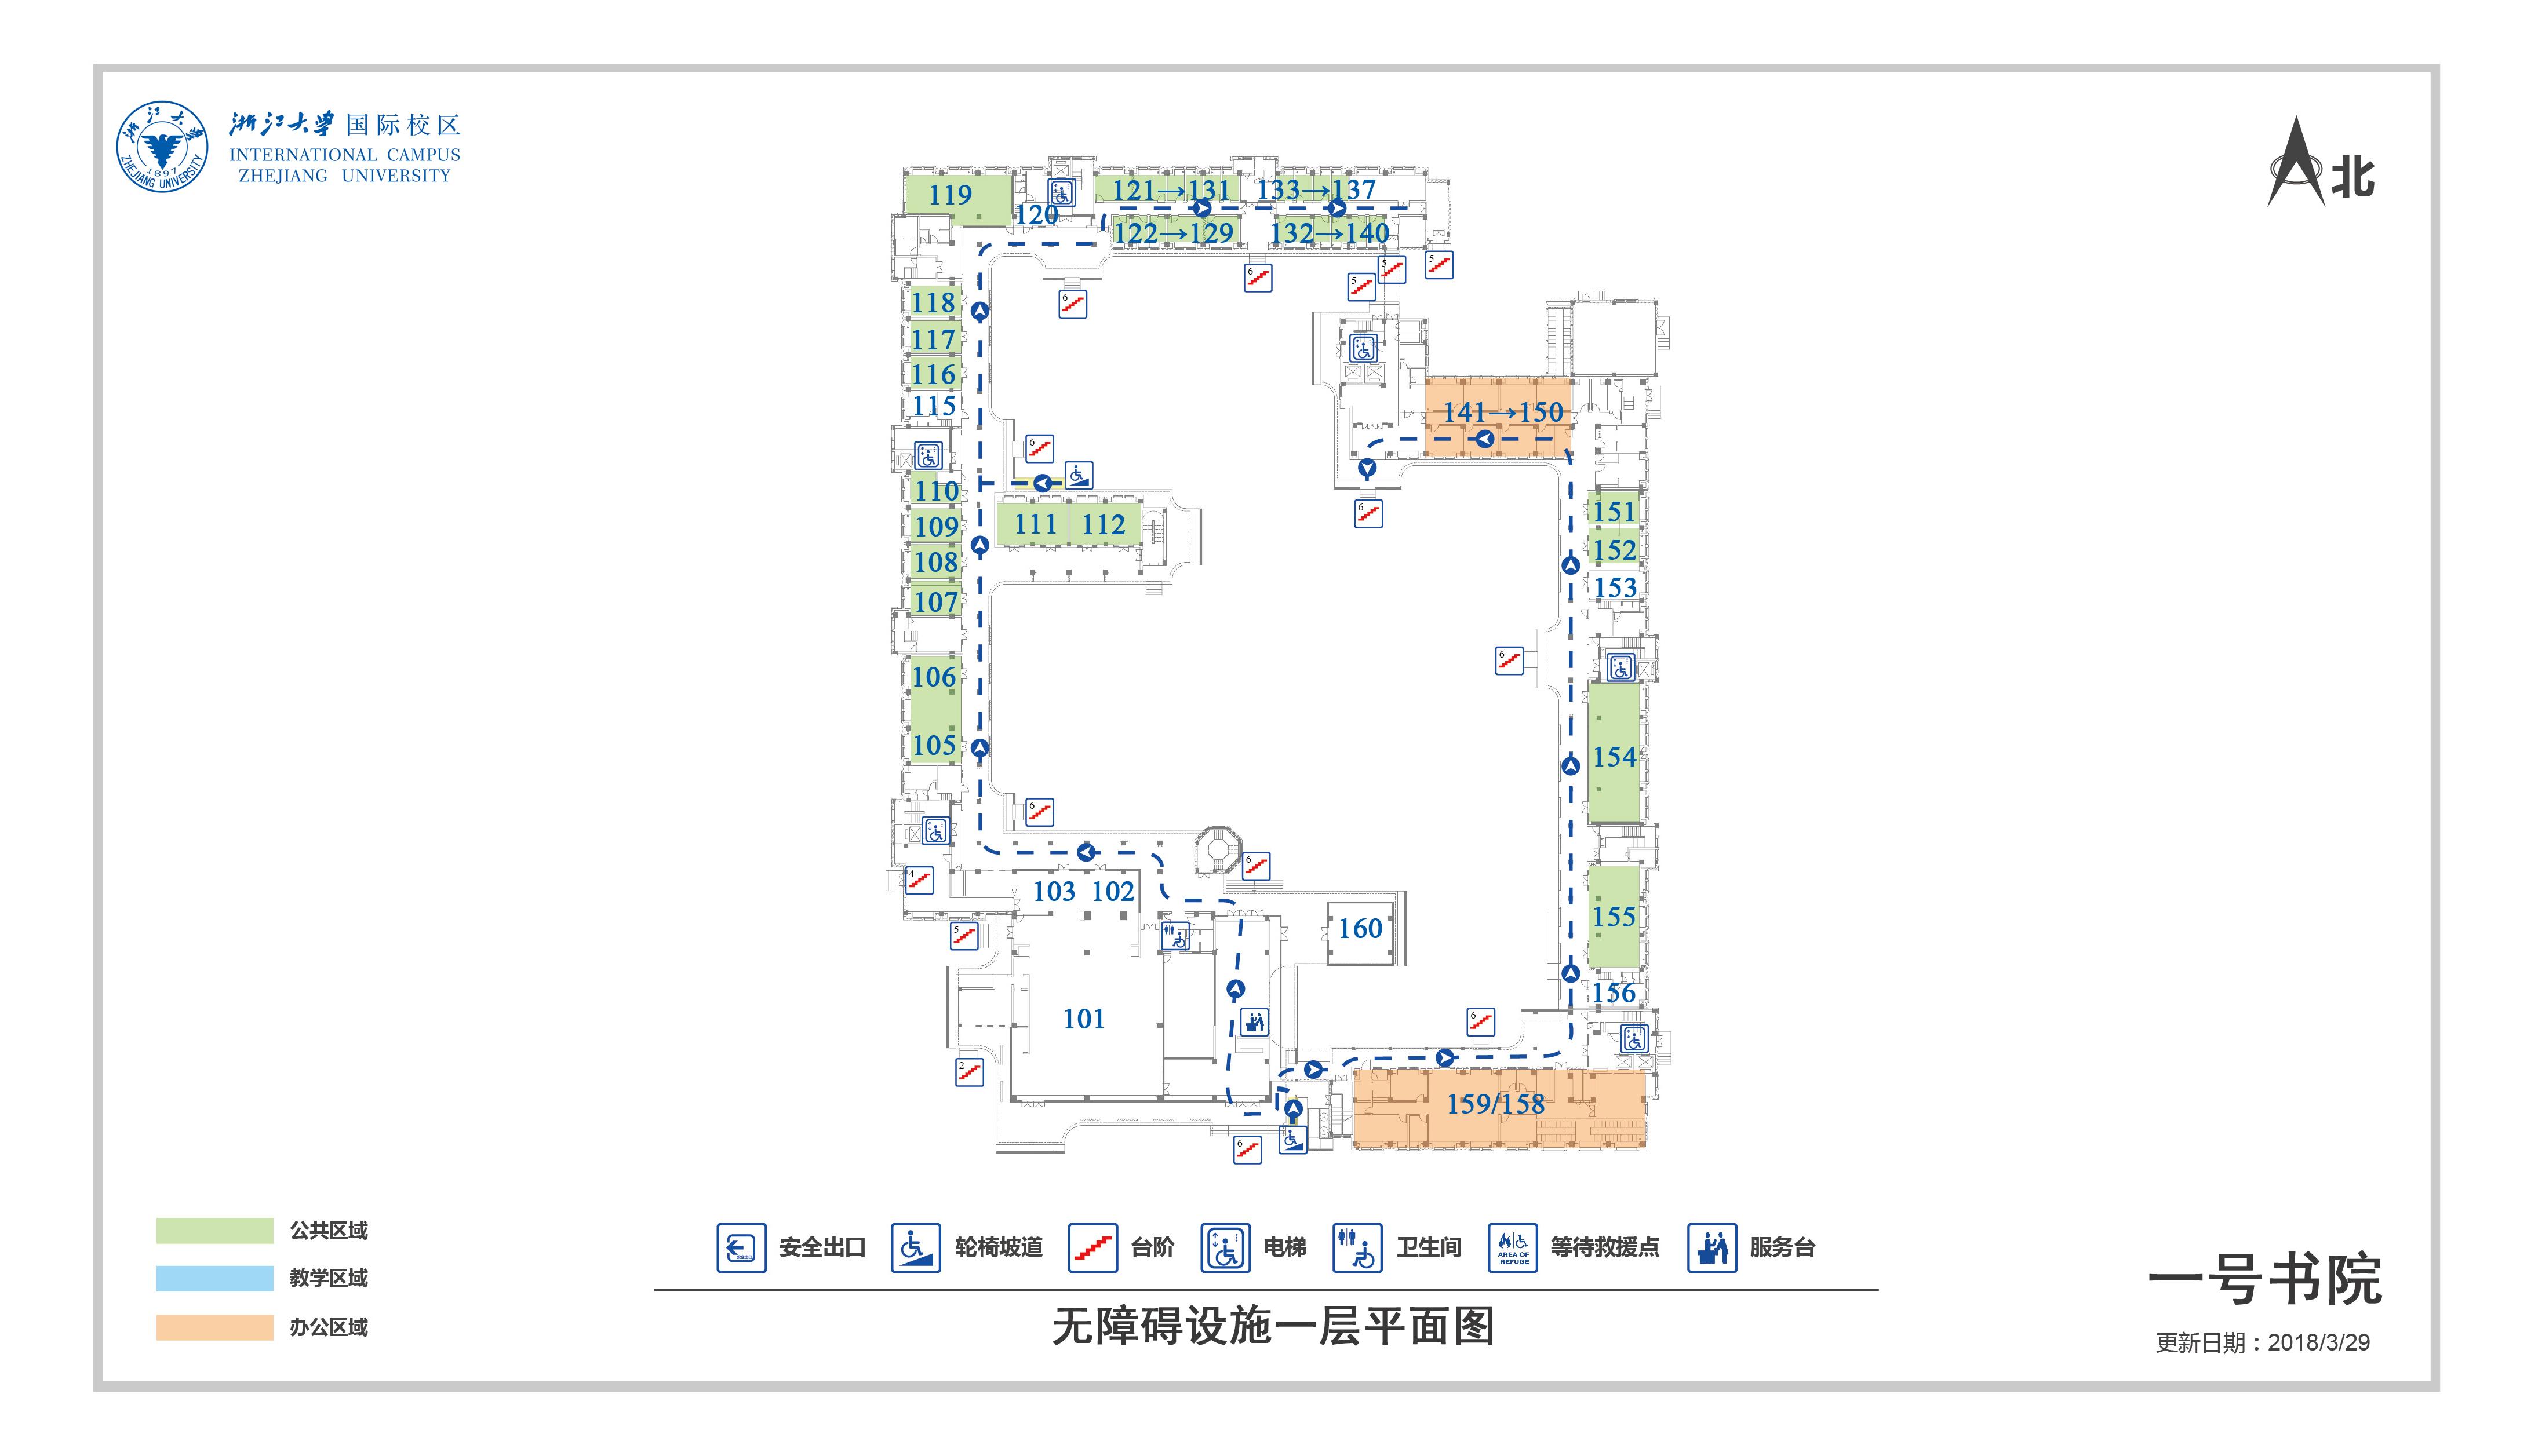 书院无障碍设施一层平面图.jpg